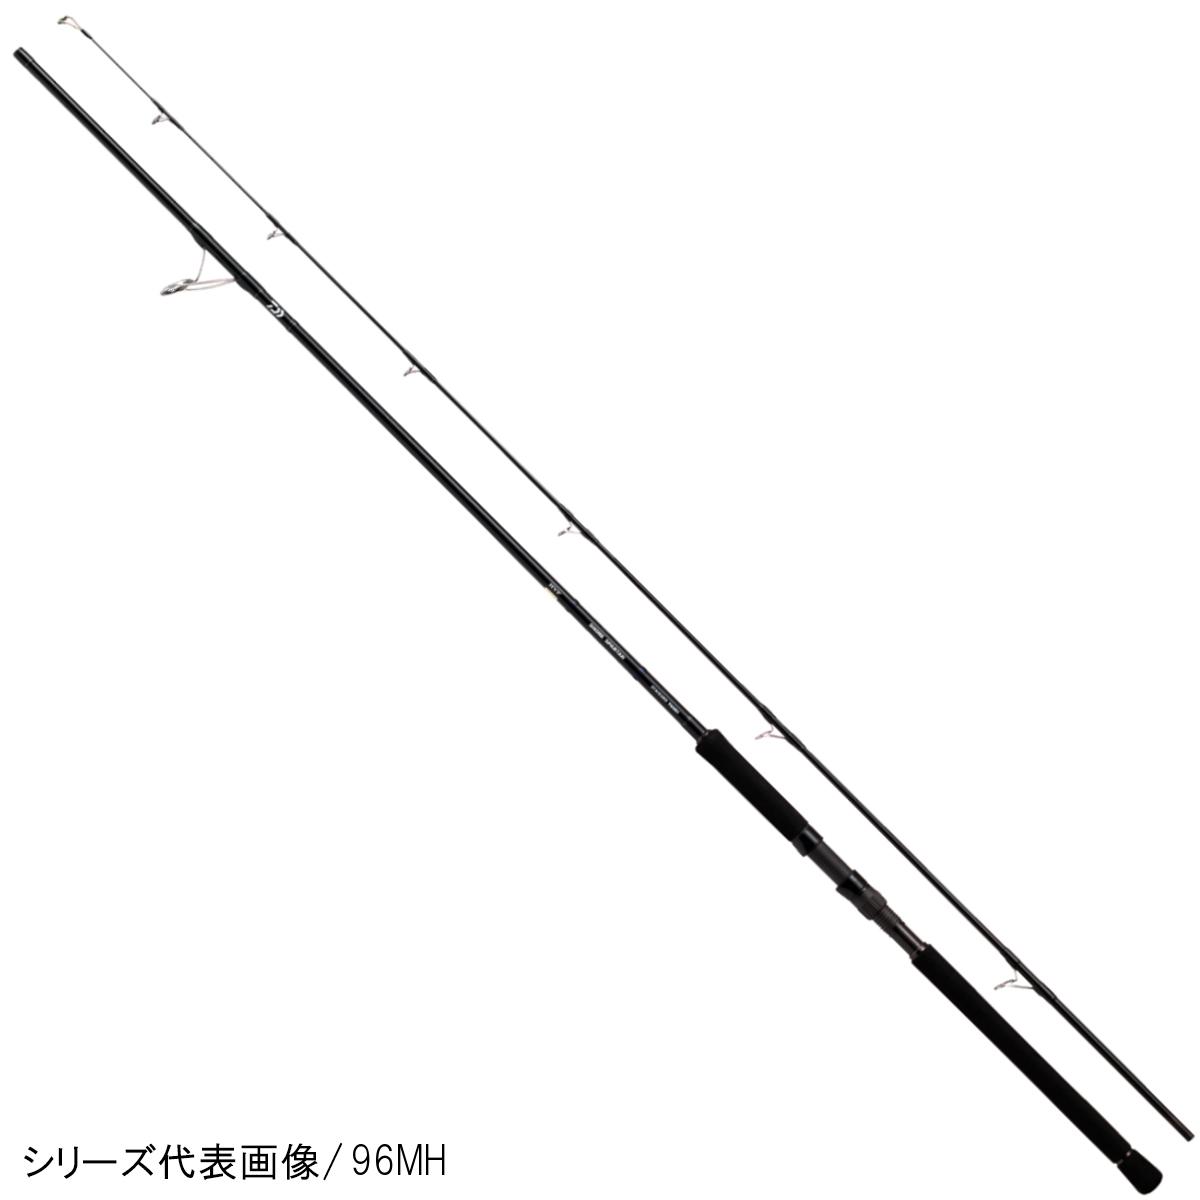 ダイワ ショアスパルタン スタンダード 96H【大型商品】